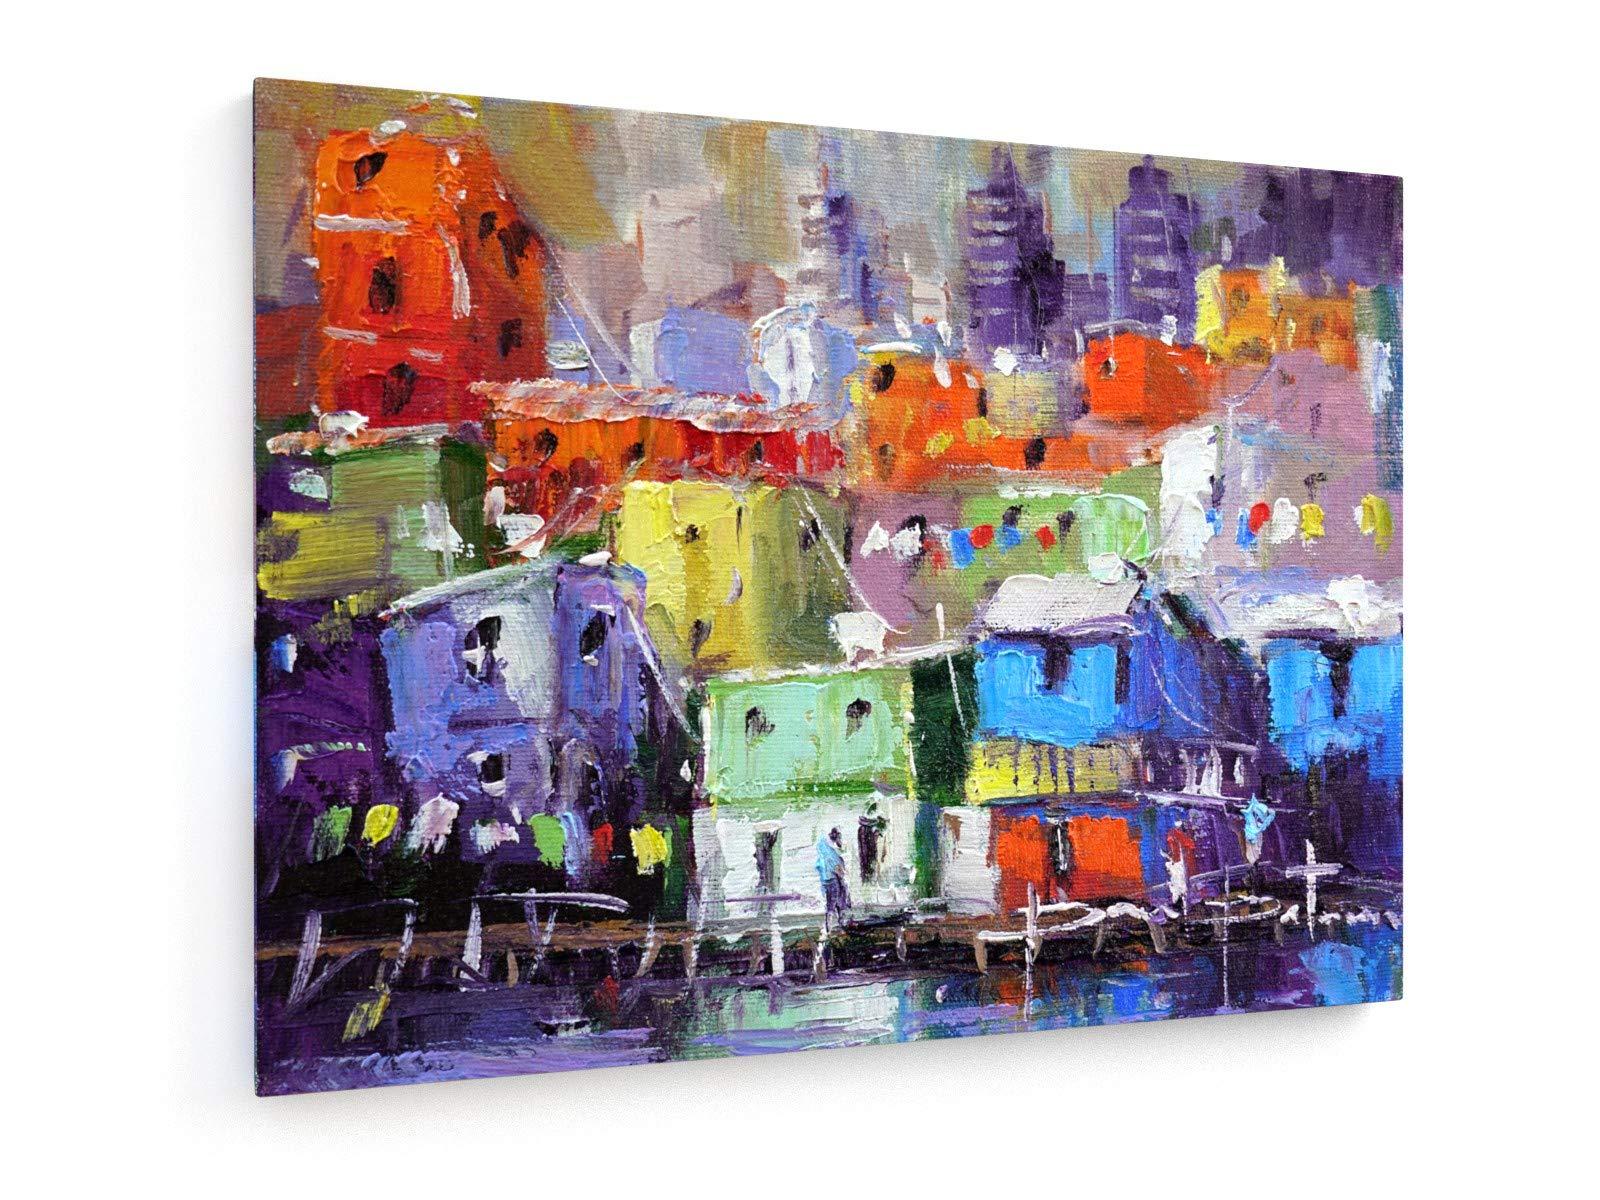 weewado Paulo Peter - Favela España 1-40x30 cm - Impresion en Lienzo - Muro de Arte - Canvas, Cuadro, Poster - City Trip & Travel: Amazon.es: Hogar